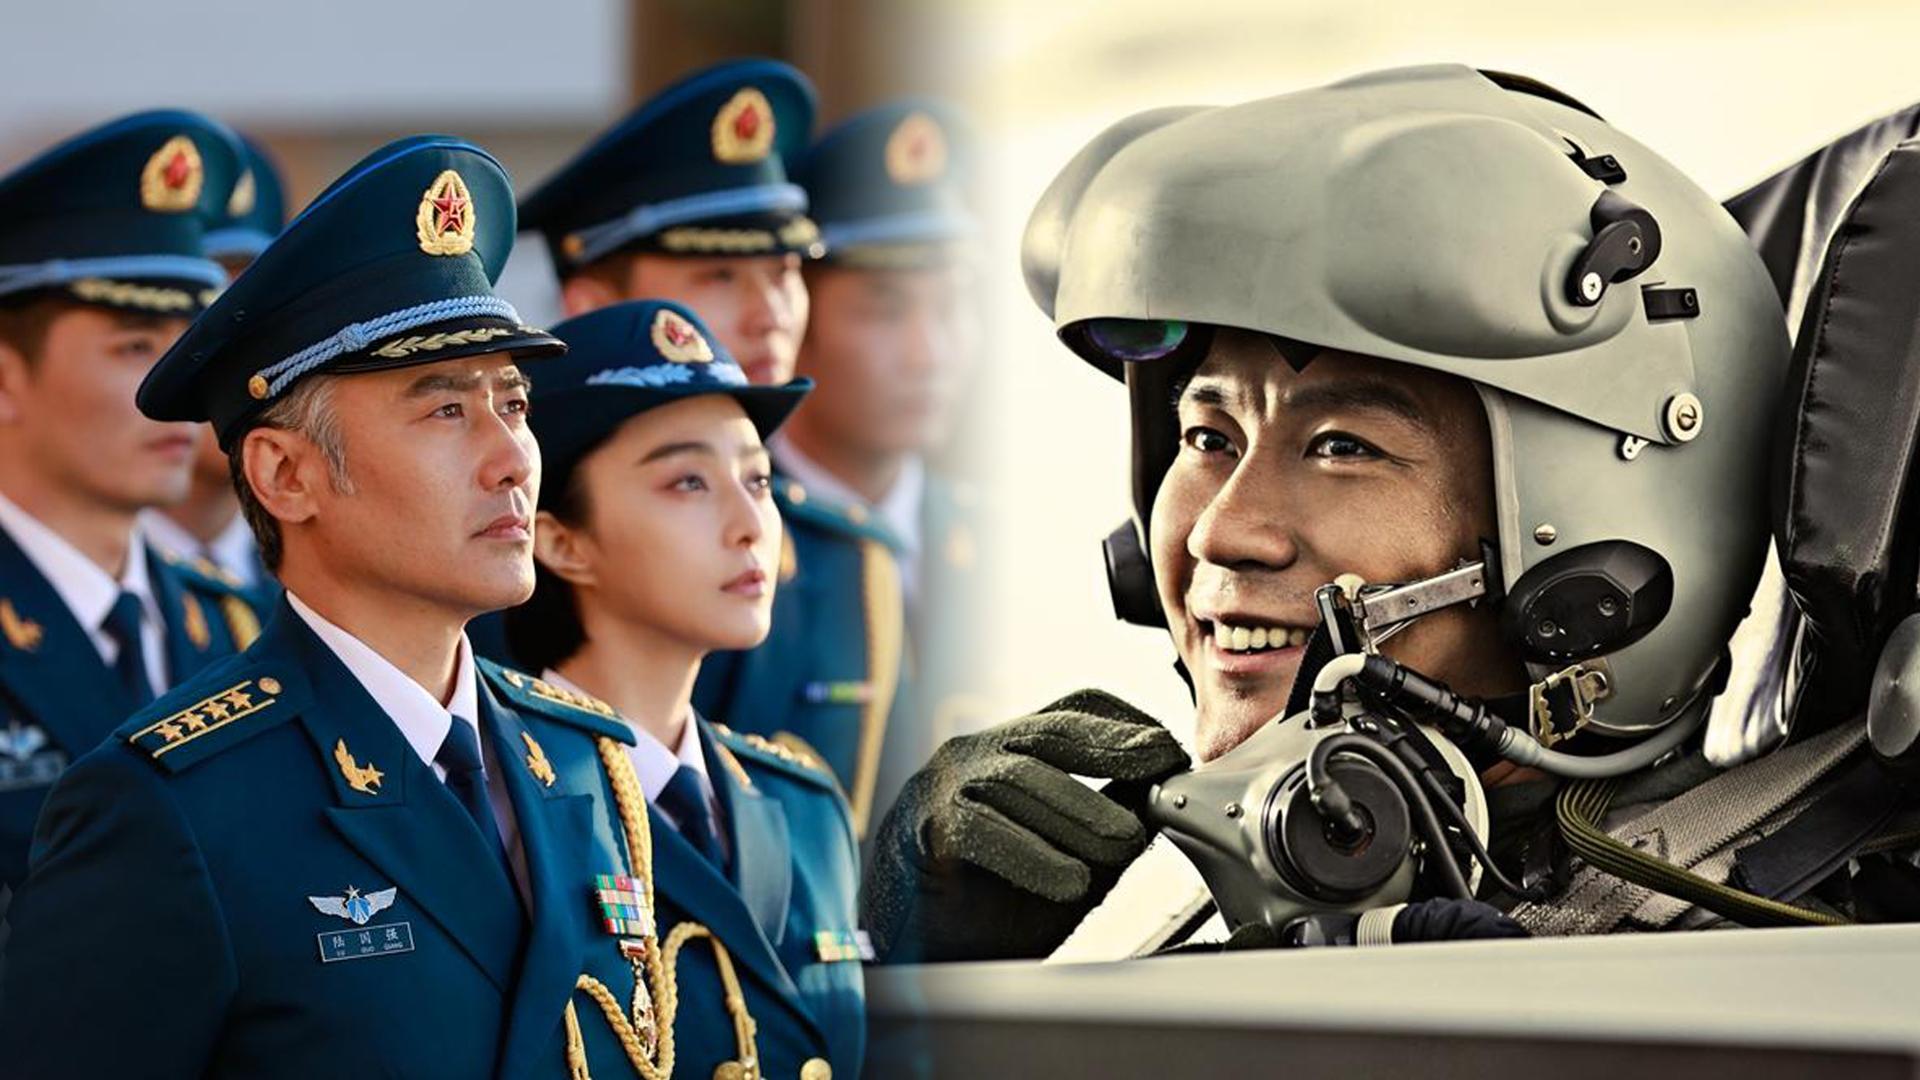 超自豪!《空天猎》即将日本上映,他们是这样评价中国空军的